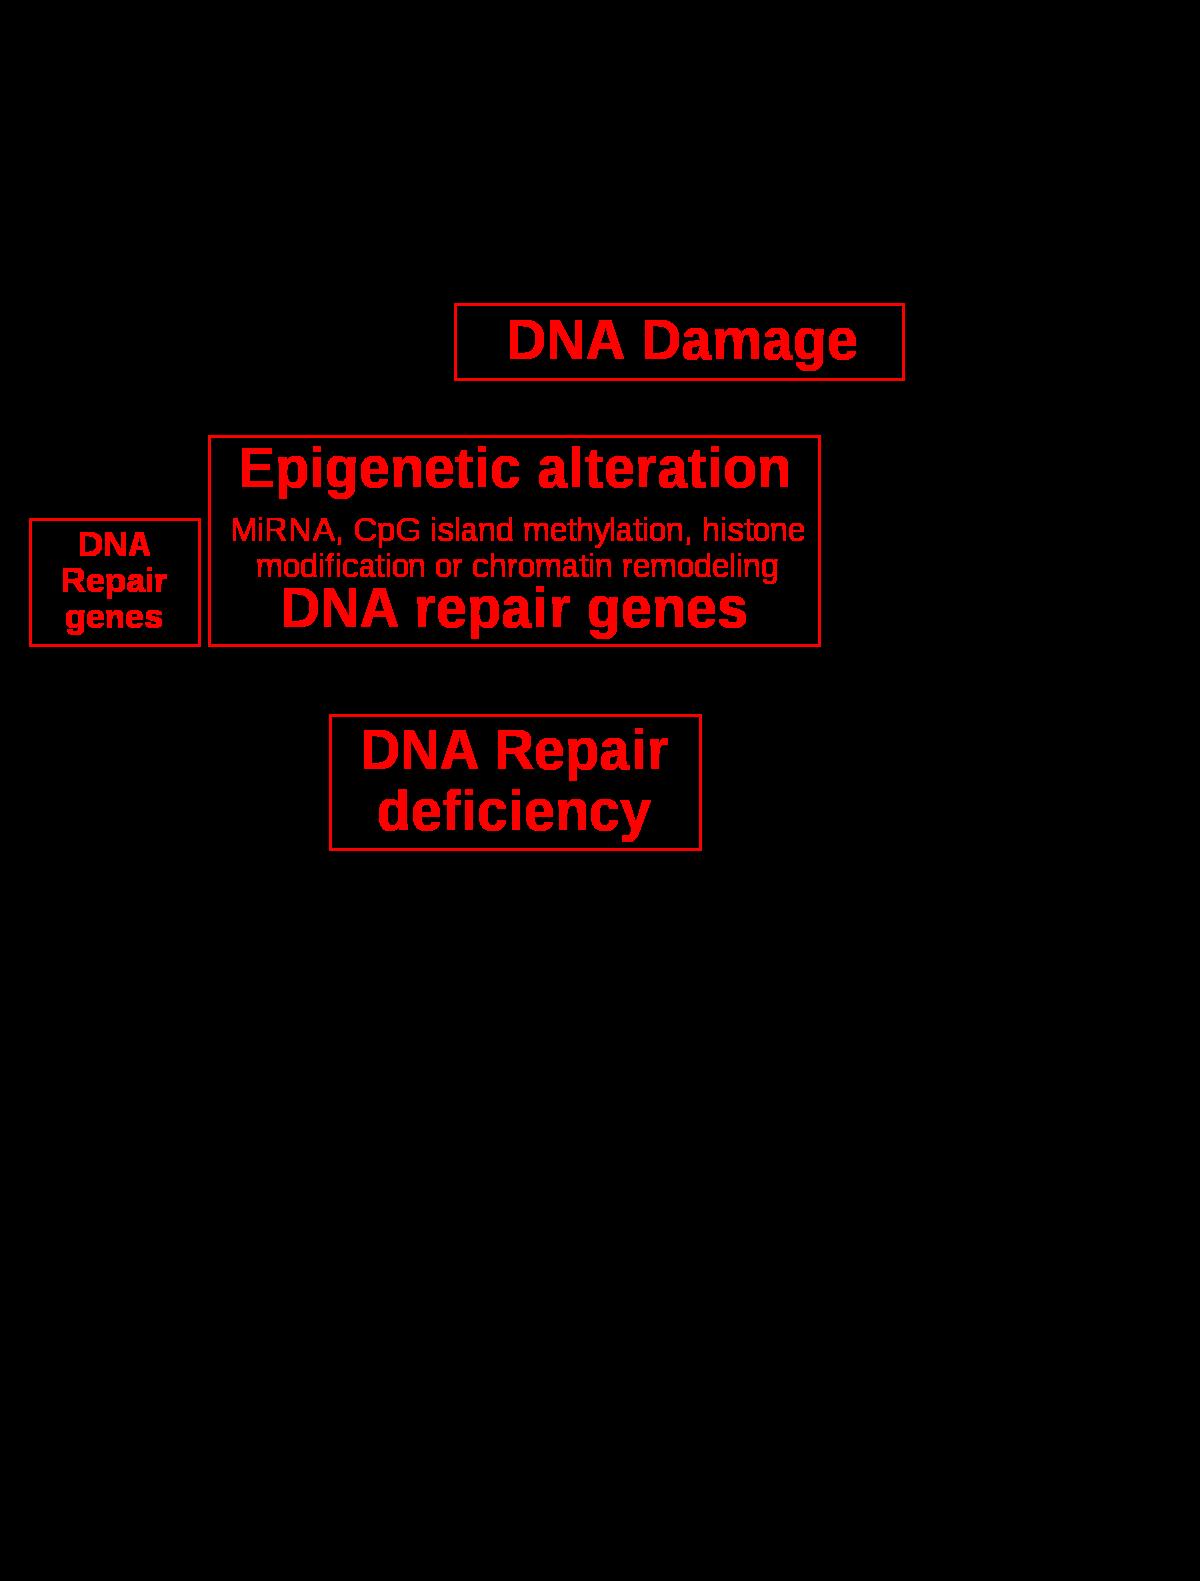 endometrium rák p53